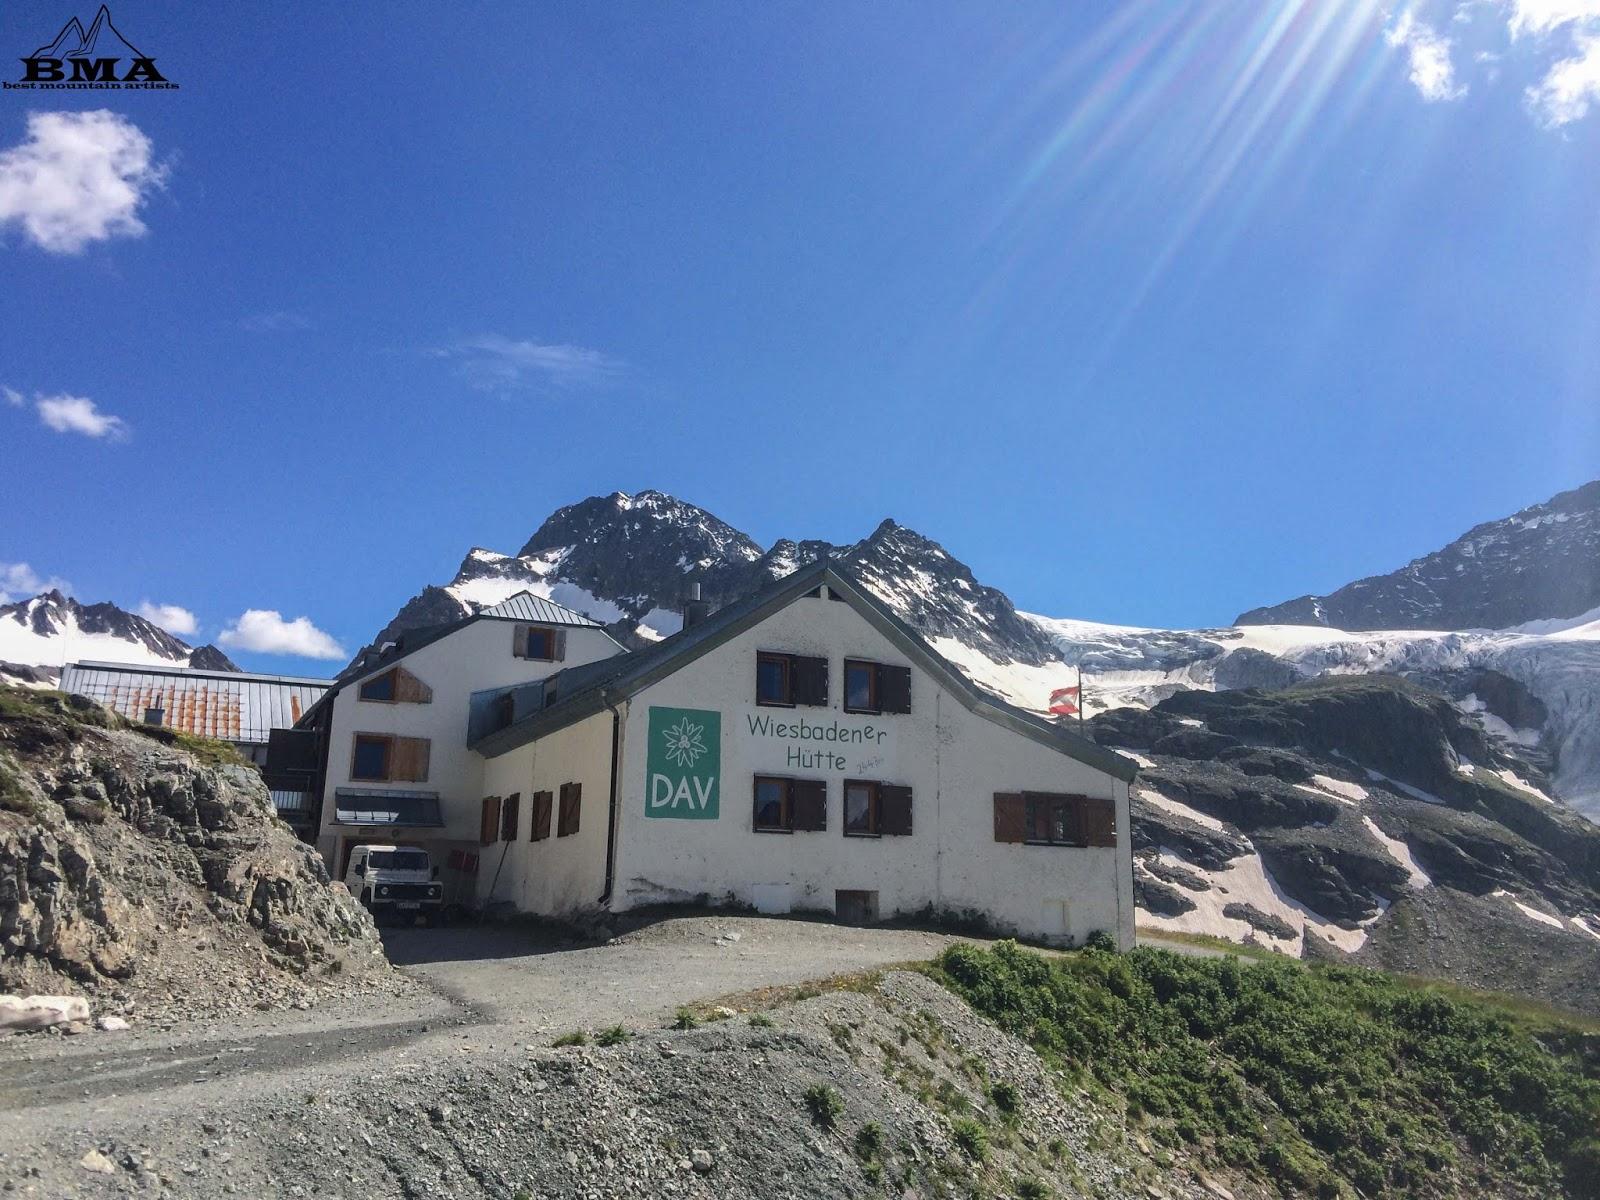 wiesbadene hutte